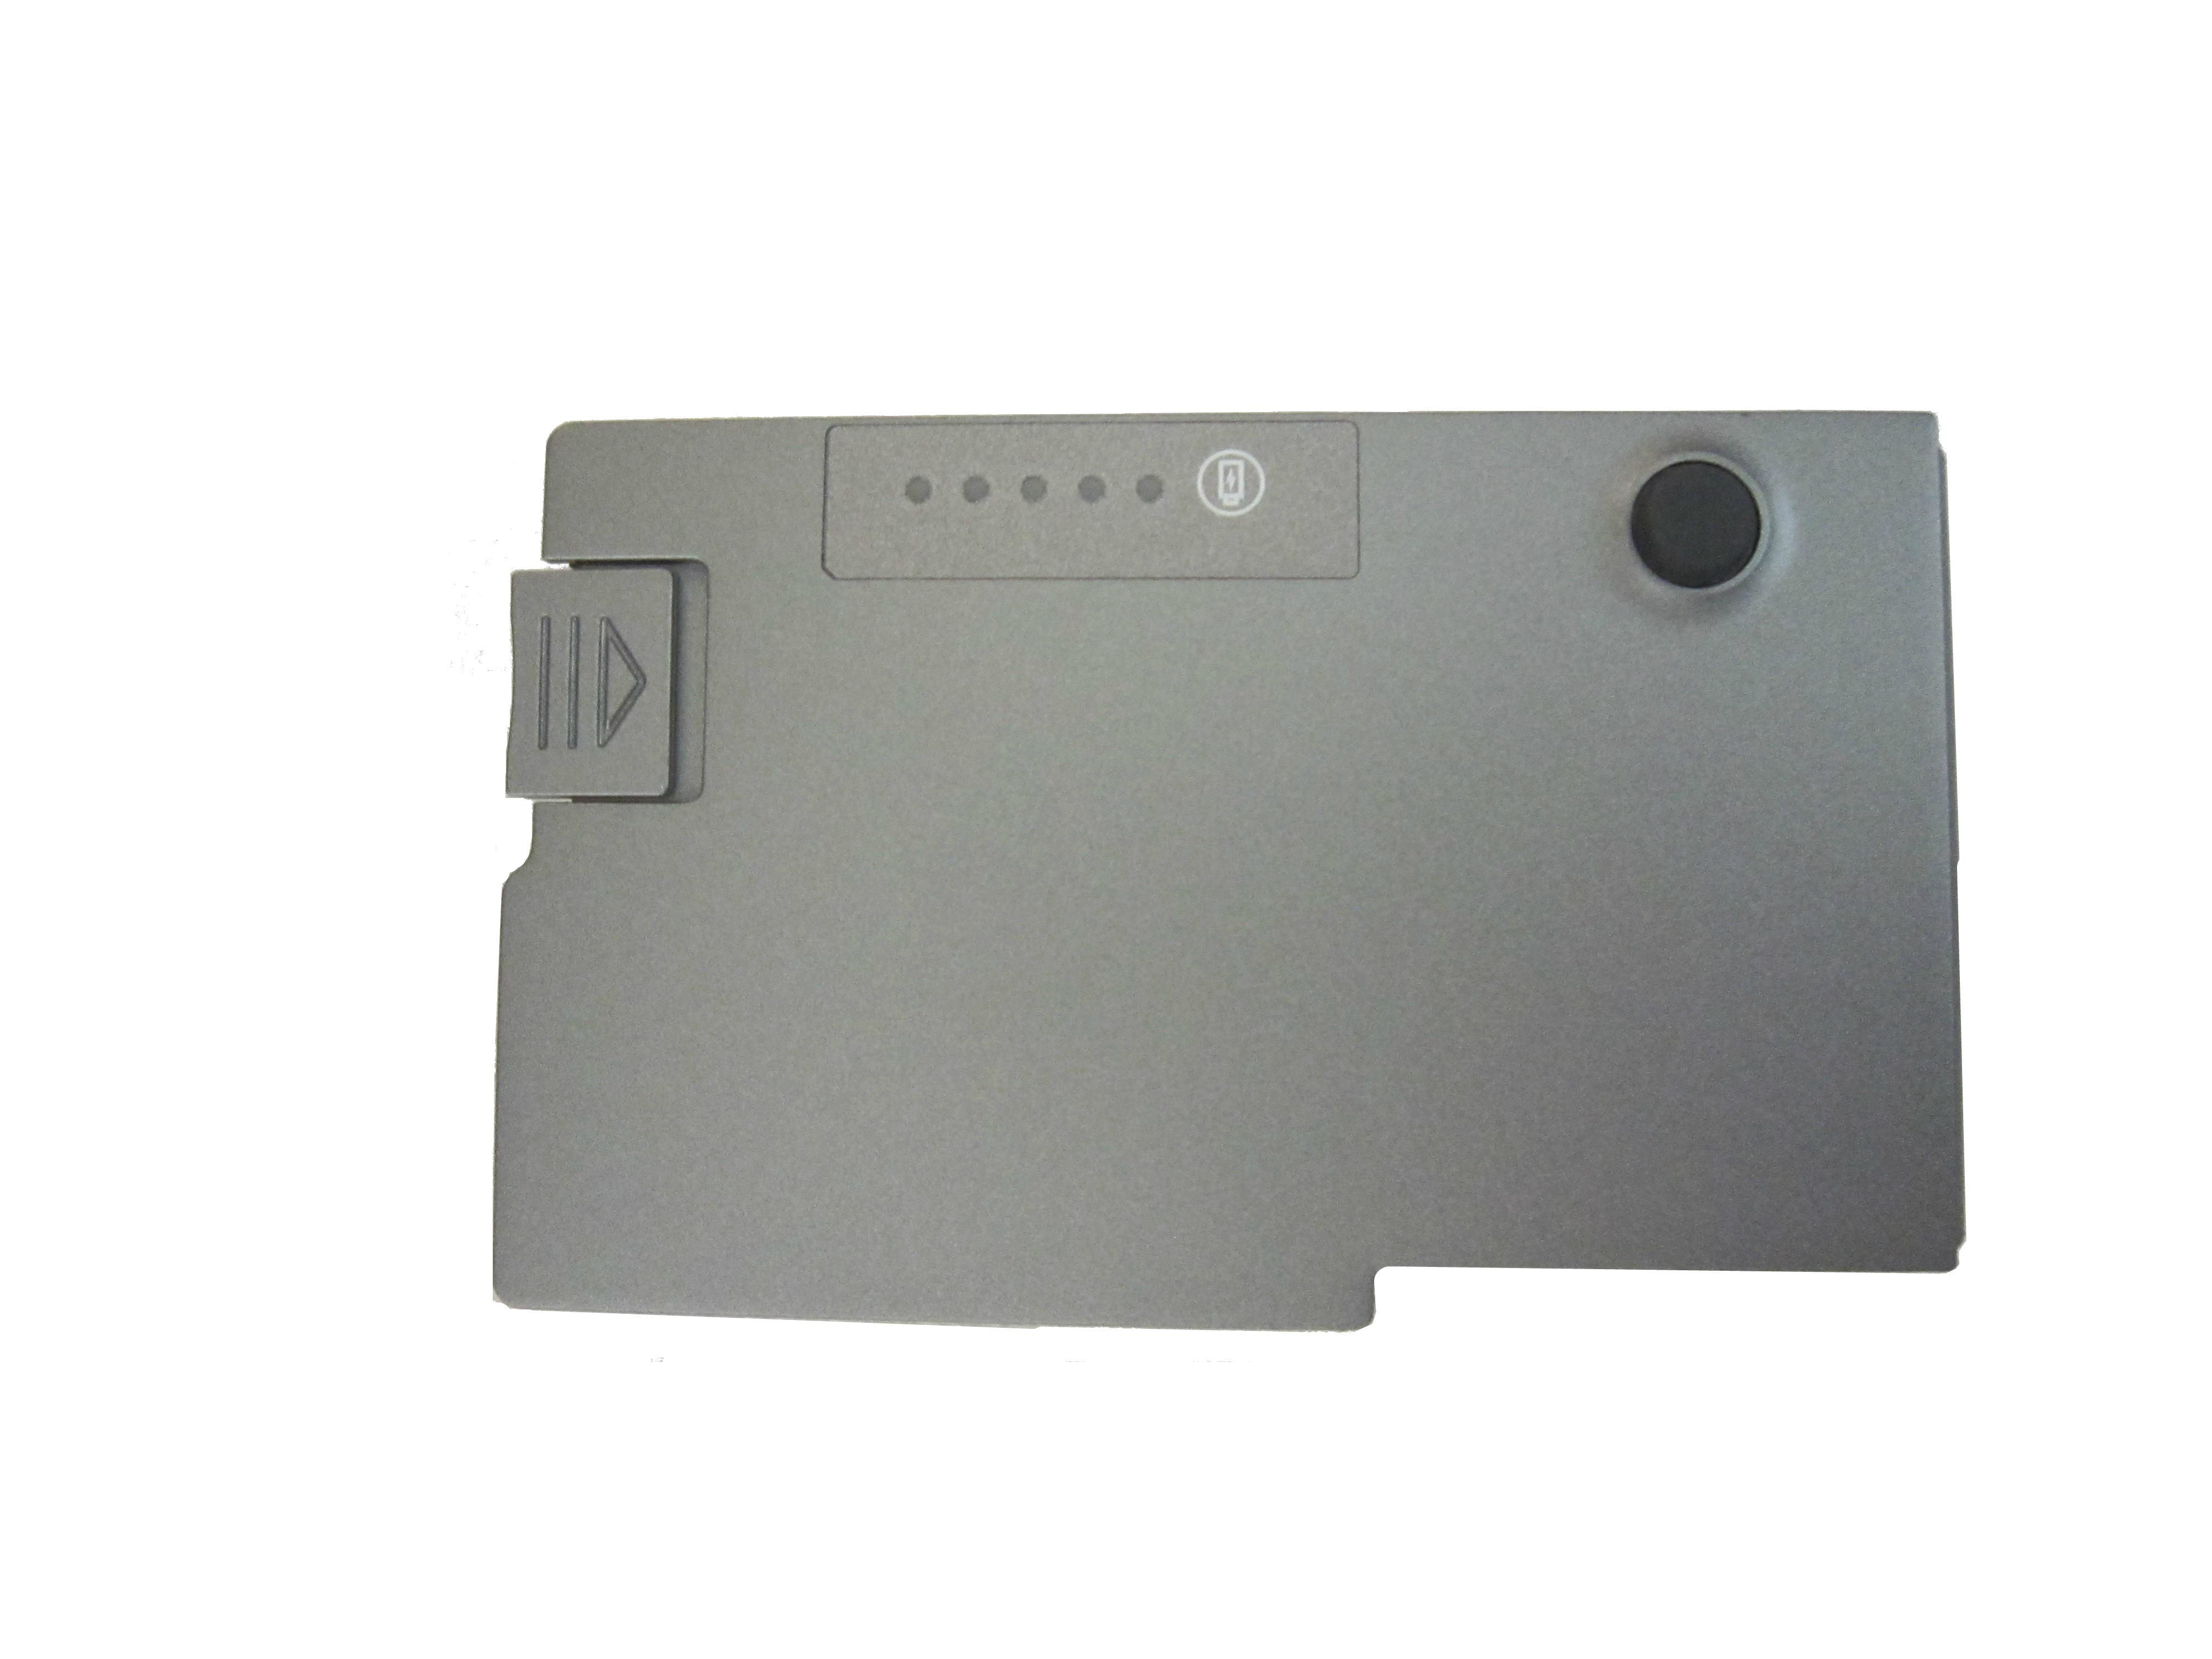 dell latitude d610 repair ifixit rh ifixit com Dell D610 Specs Dell D610 Battery